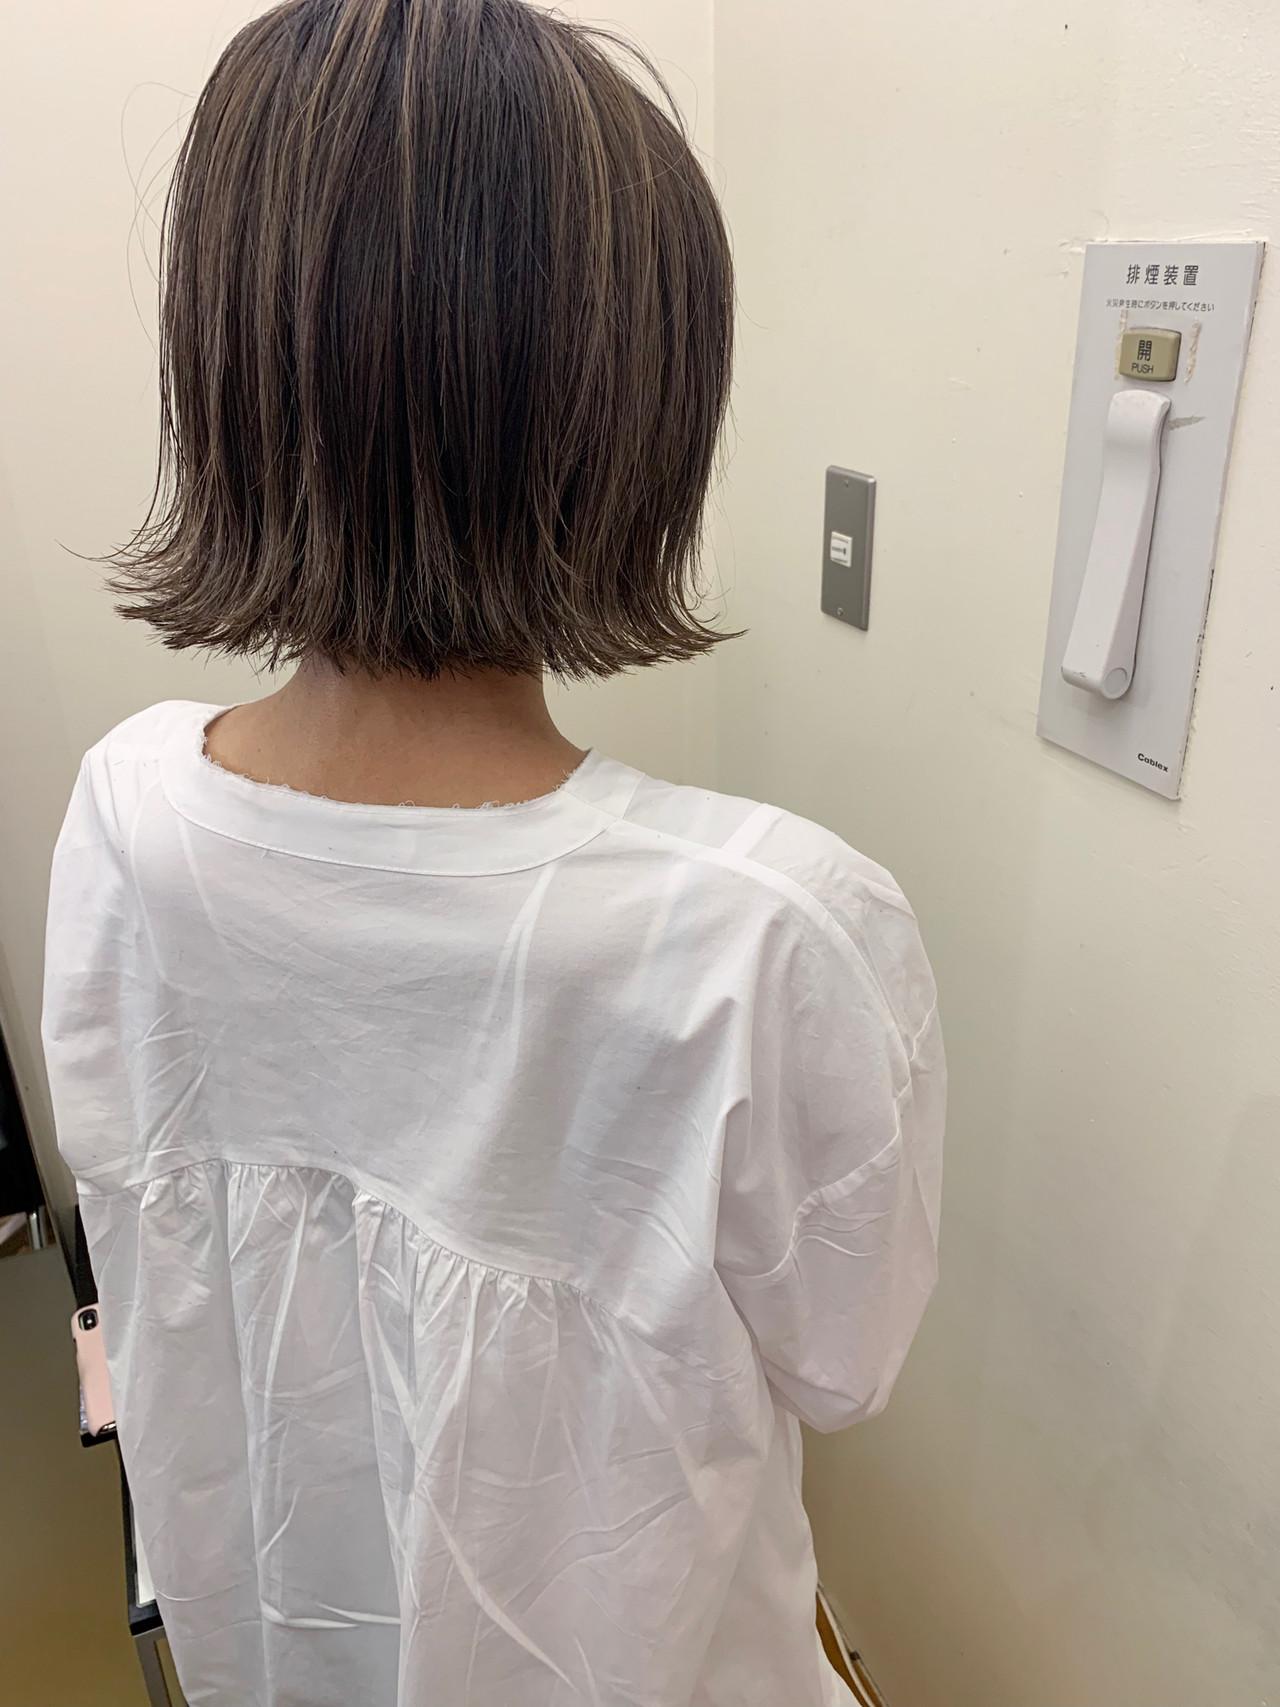 ボブ 外国人風 デート ゆるふわ ヘアスタイルや髪型の写真・画像 | yumiko/sapporoSKNOW / SKNOW